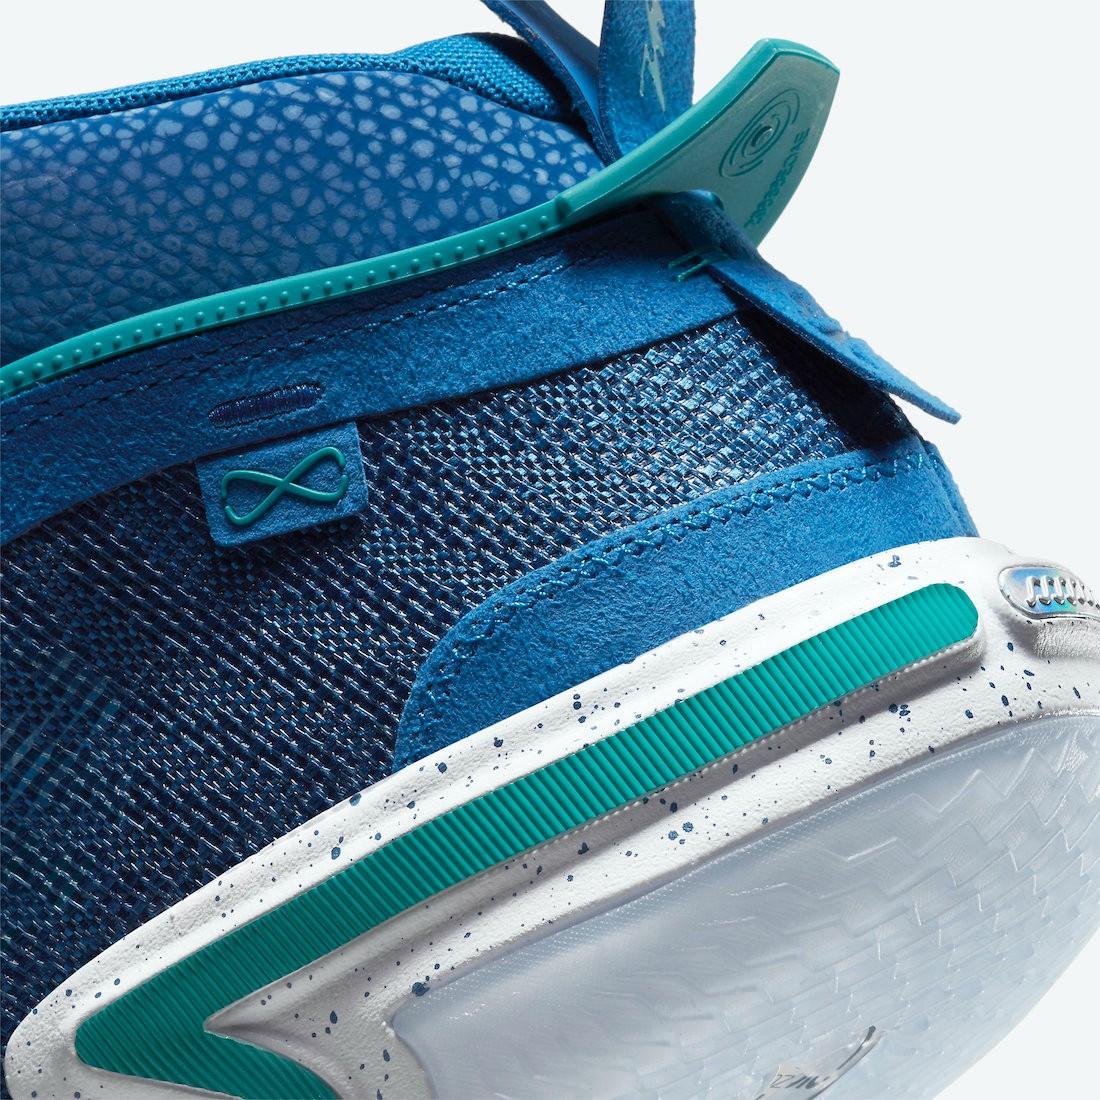 Air Jordan 36,AJ36  AJ36 官图正式亮相!一上来就是两款高颜值 PE!又要真香了!